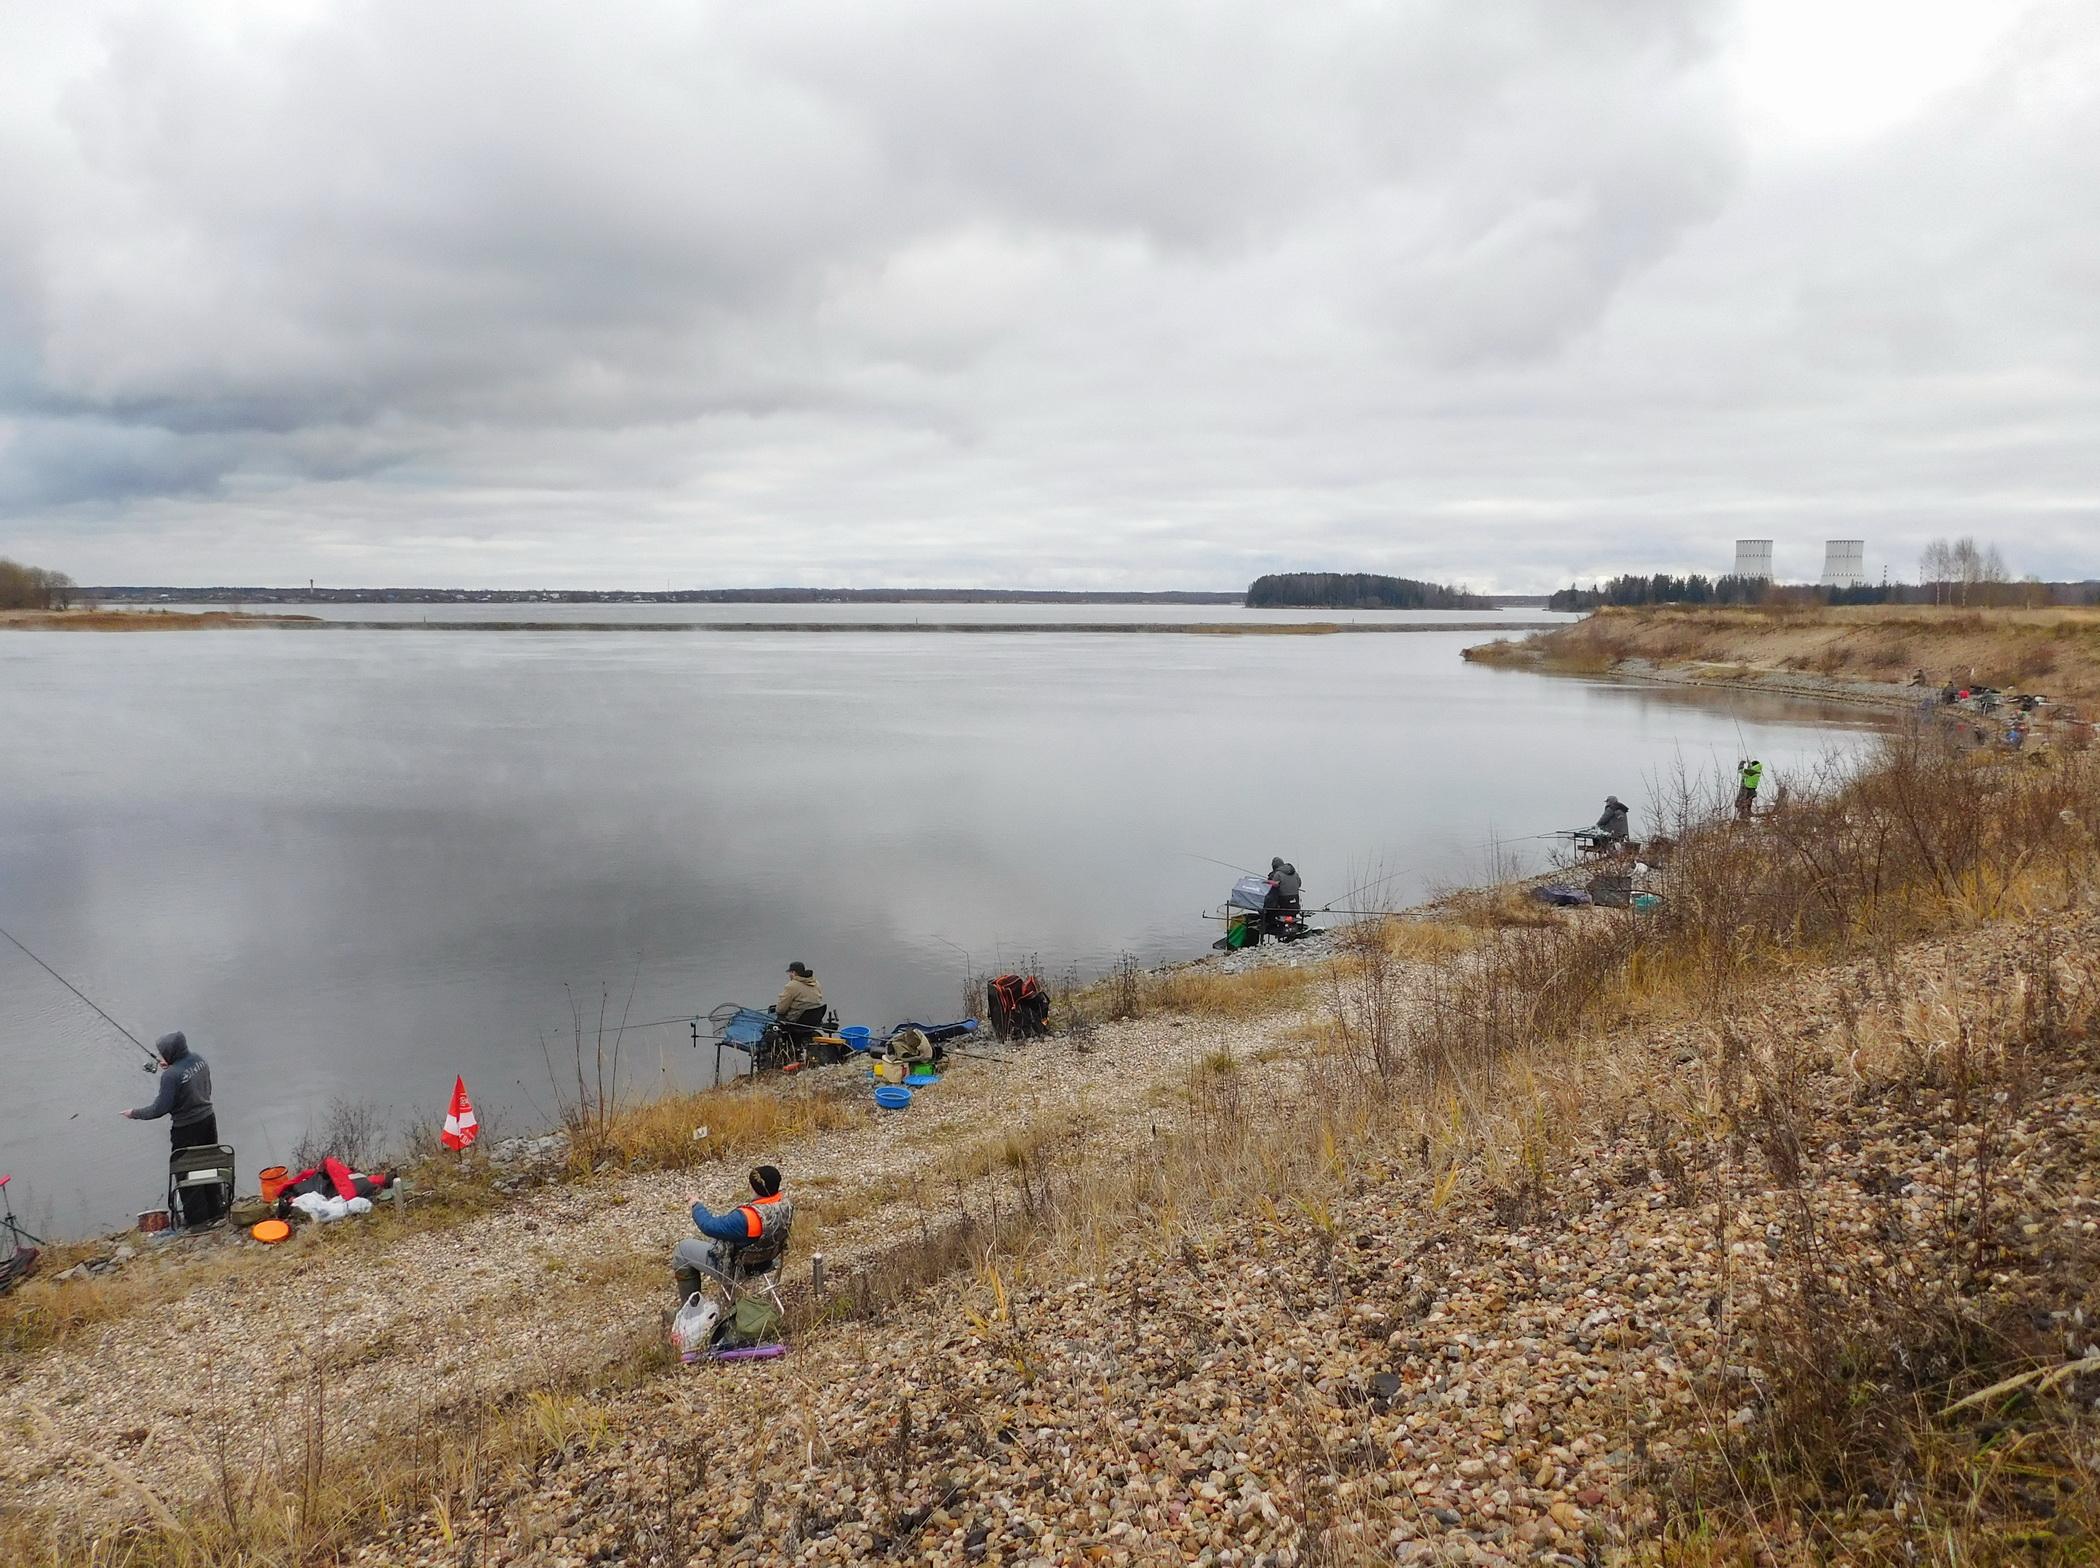 В Тверской области рыболовы-спортсмены поймали порядка 70 кг рыбы в озере-охладителе Калининской АЭС